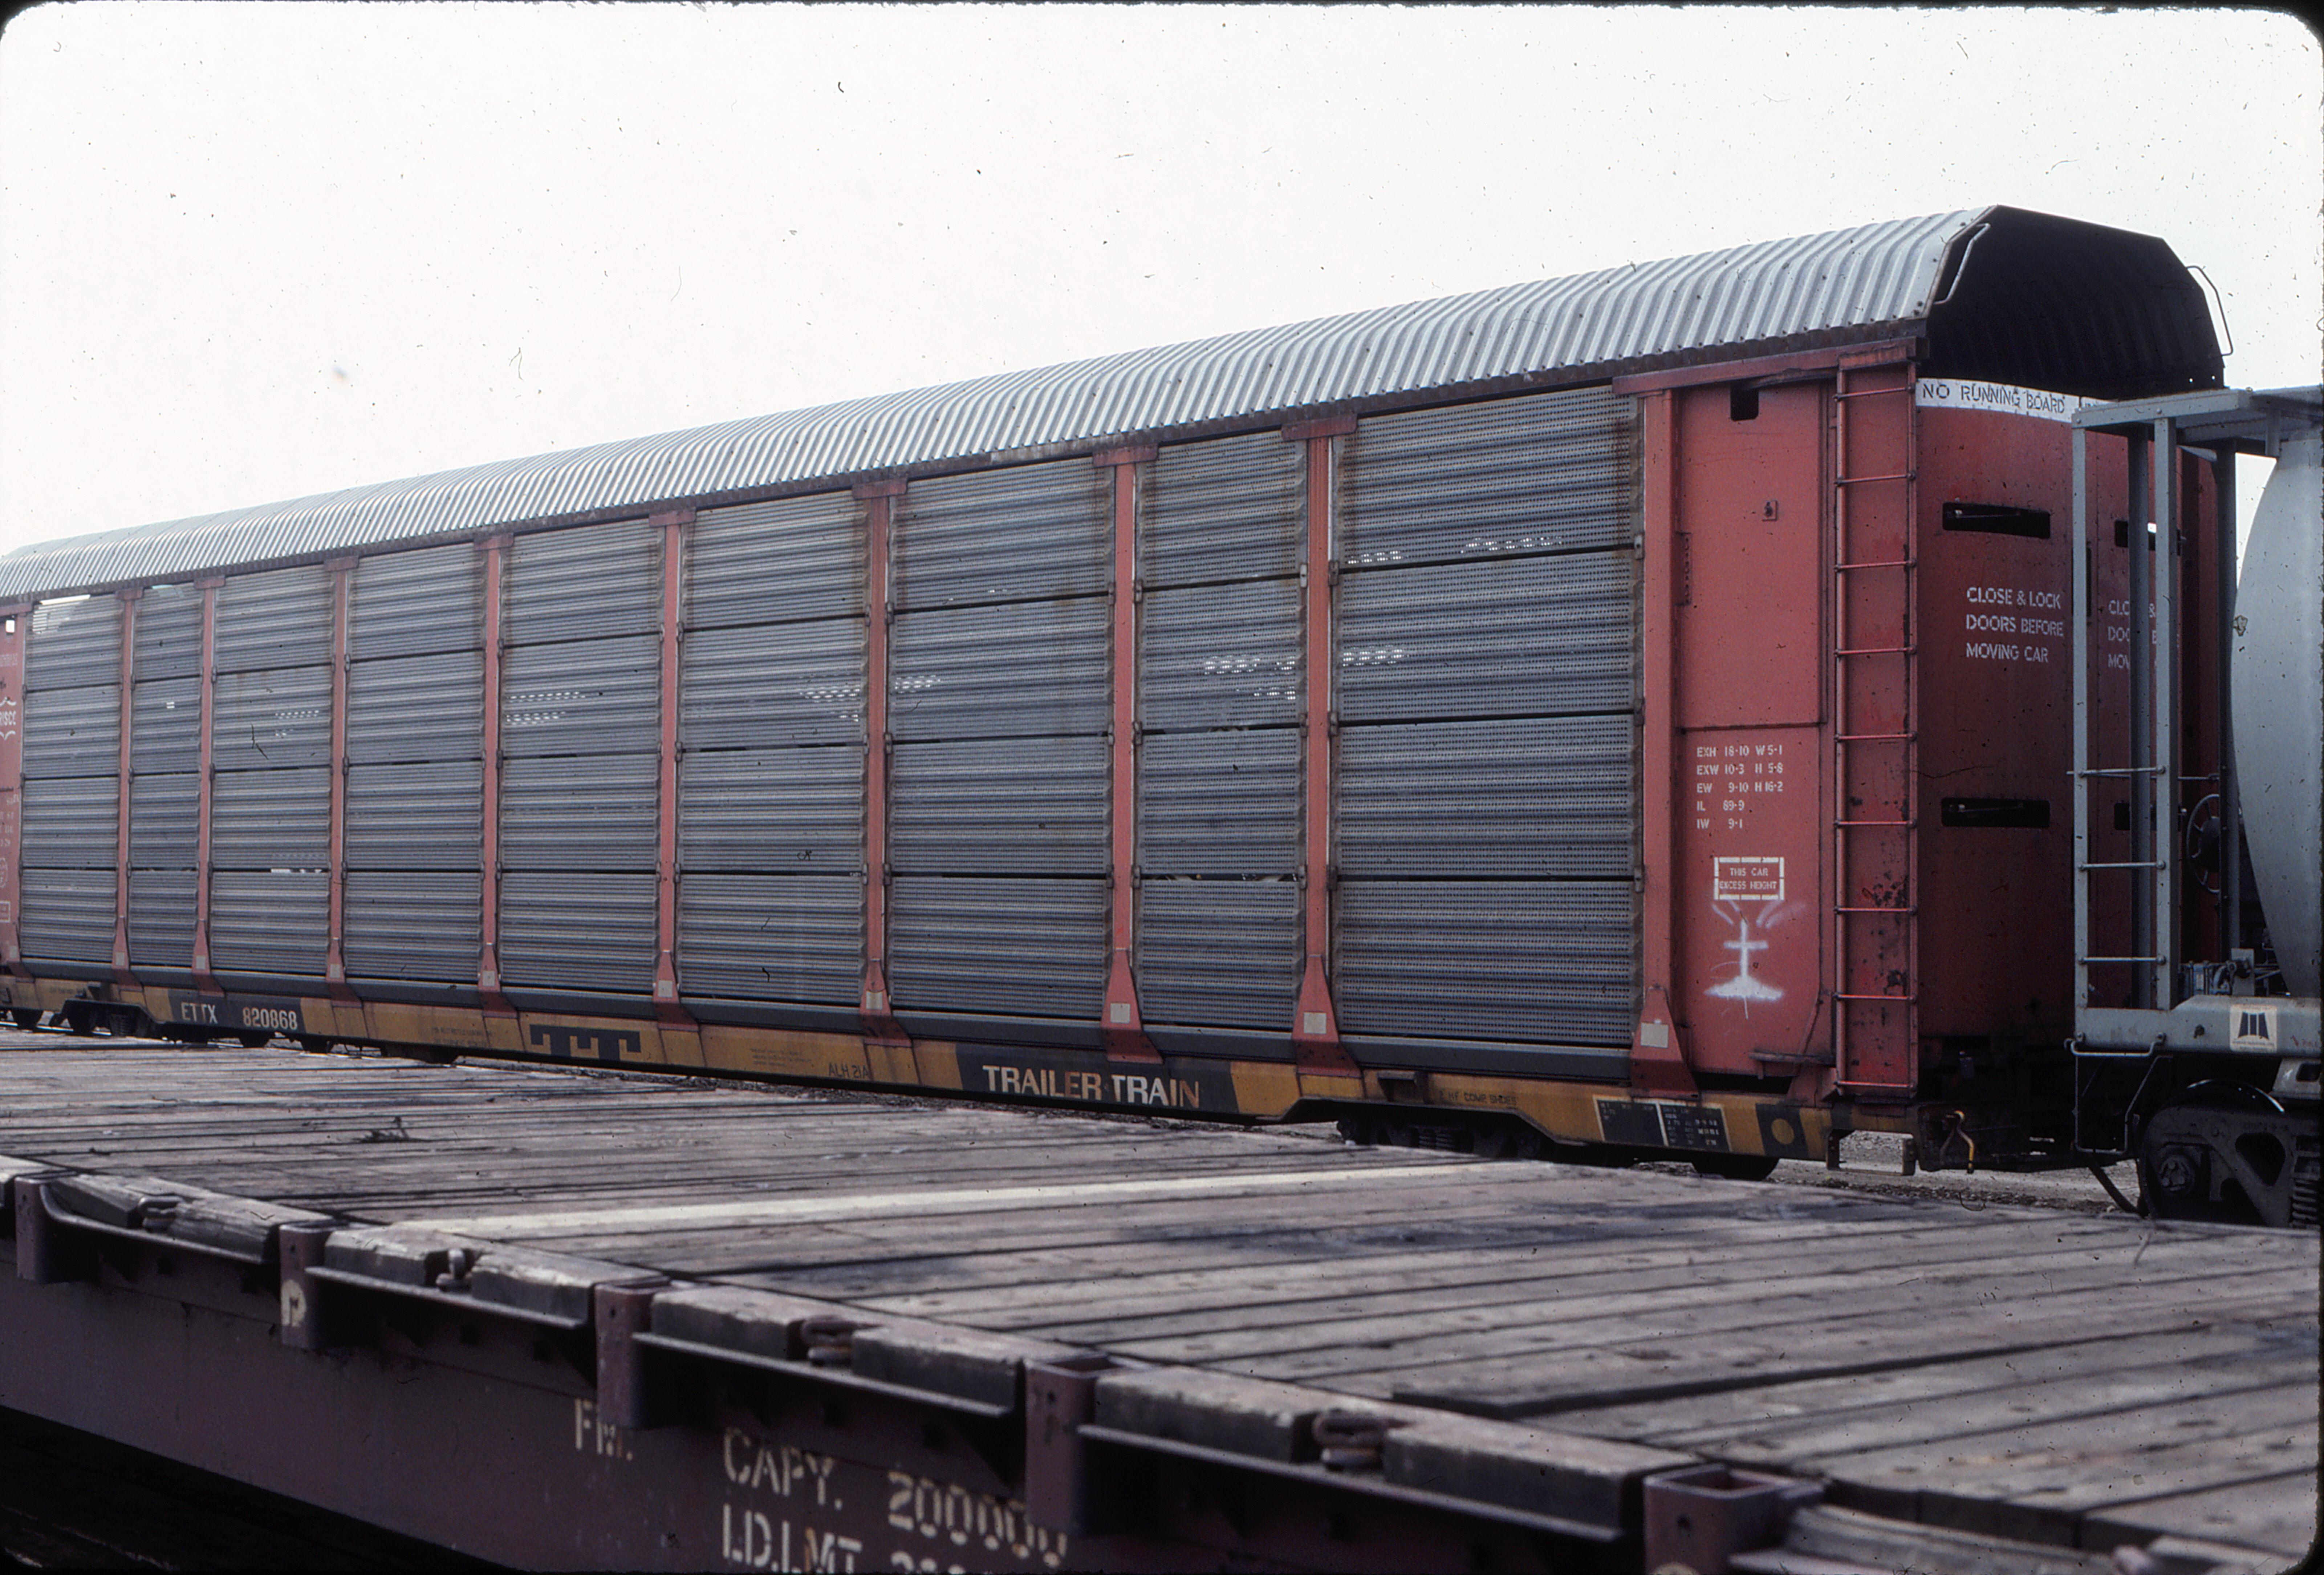 Autorack 820868 at Edmonton, Alberta in June 1984